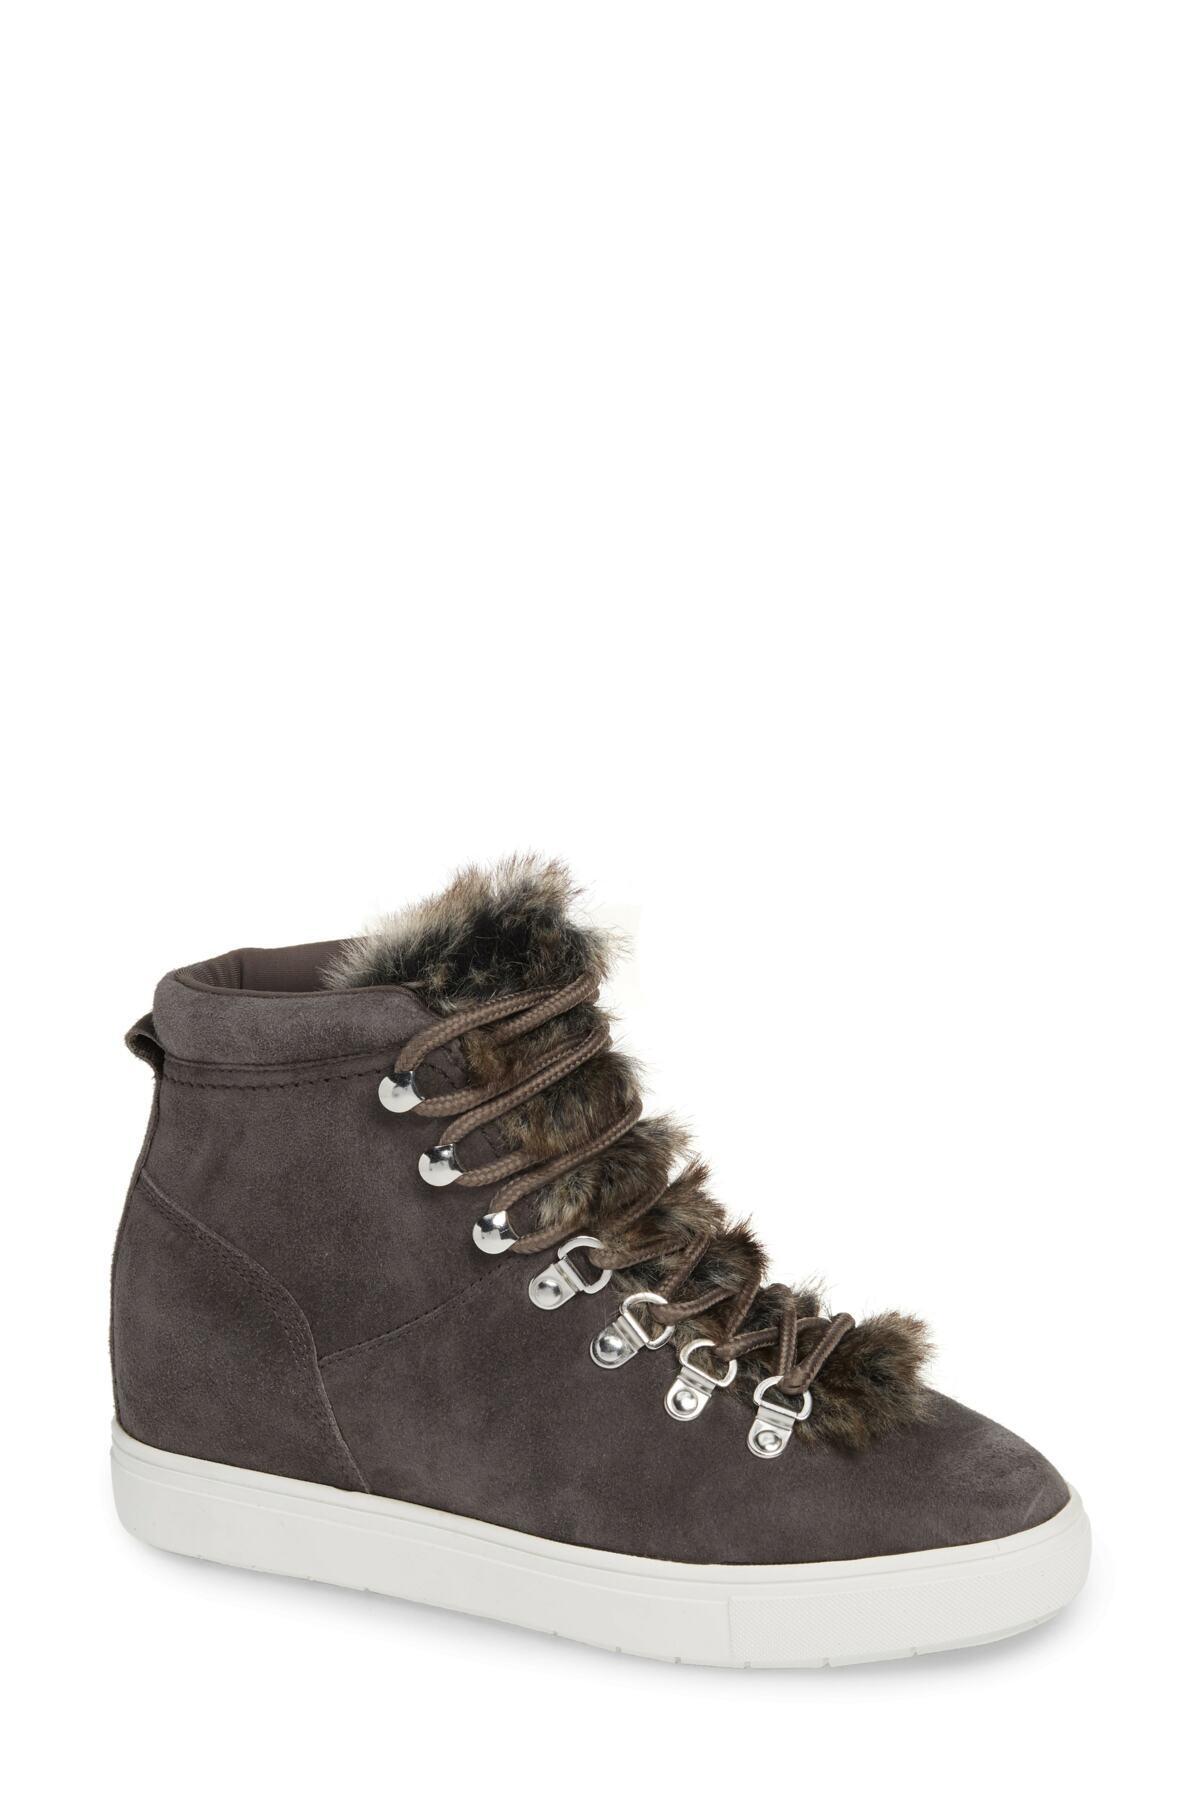 dc829c6c21d Steven by Steve Madden. Women s Gray Kalea-f Faux Fur Hidden Wedge Sneaker